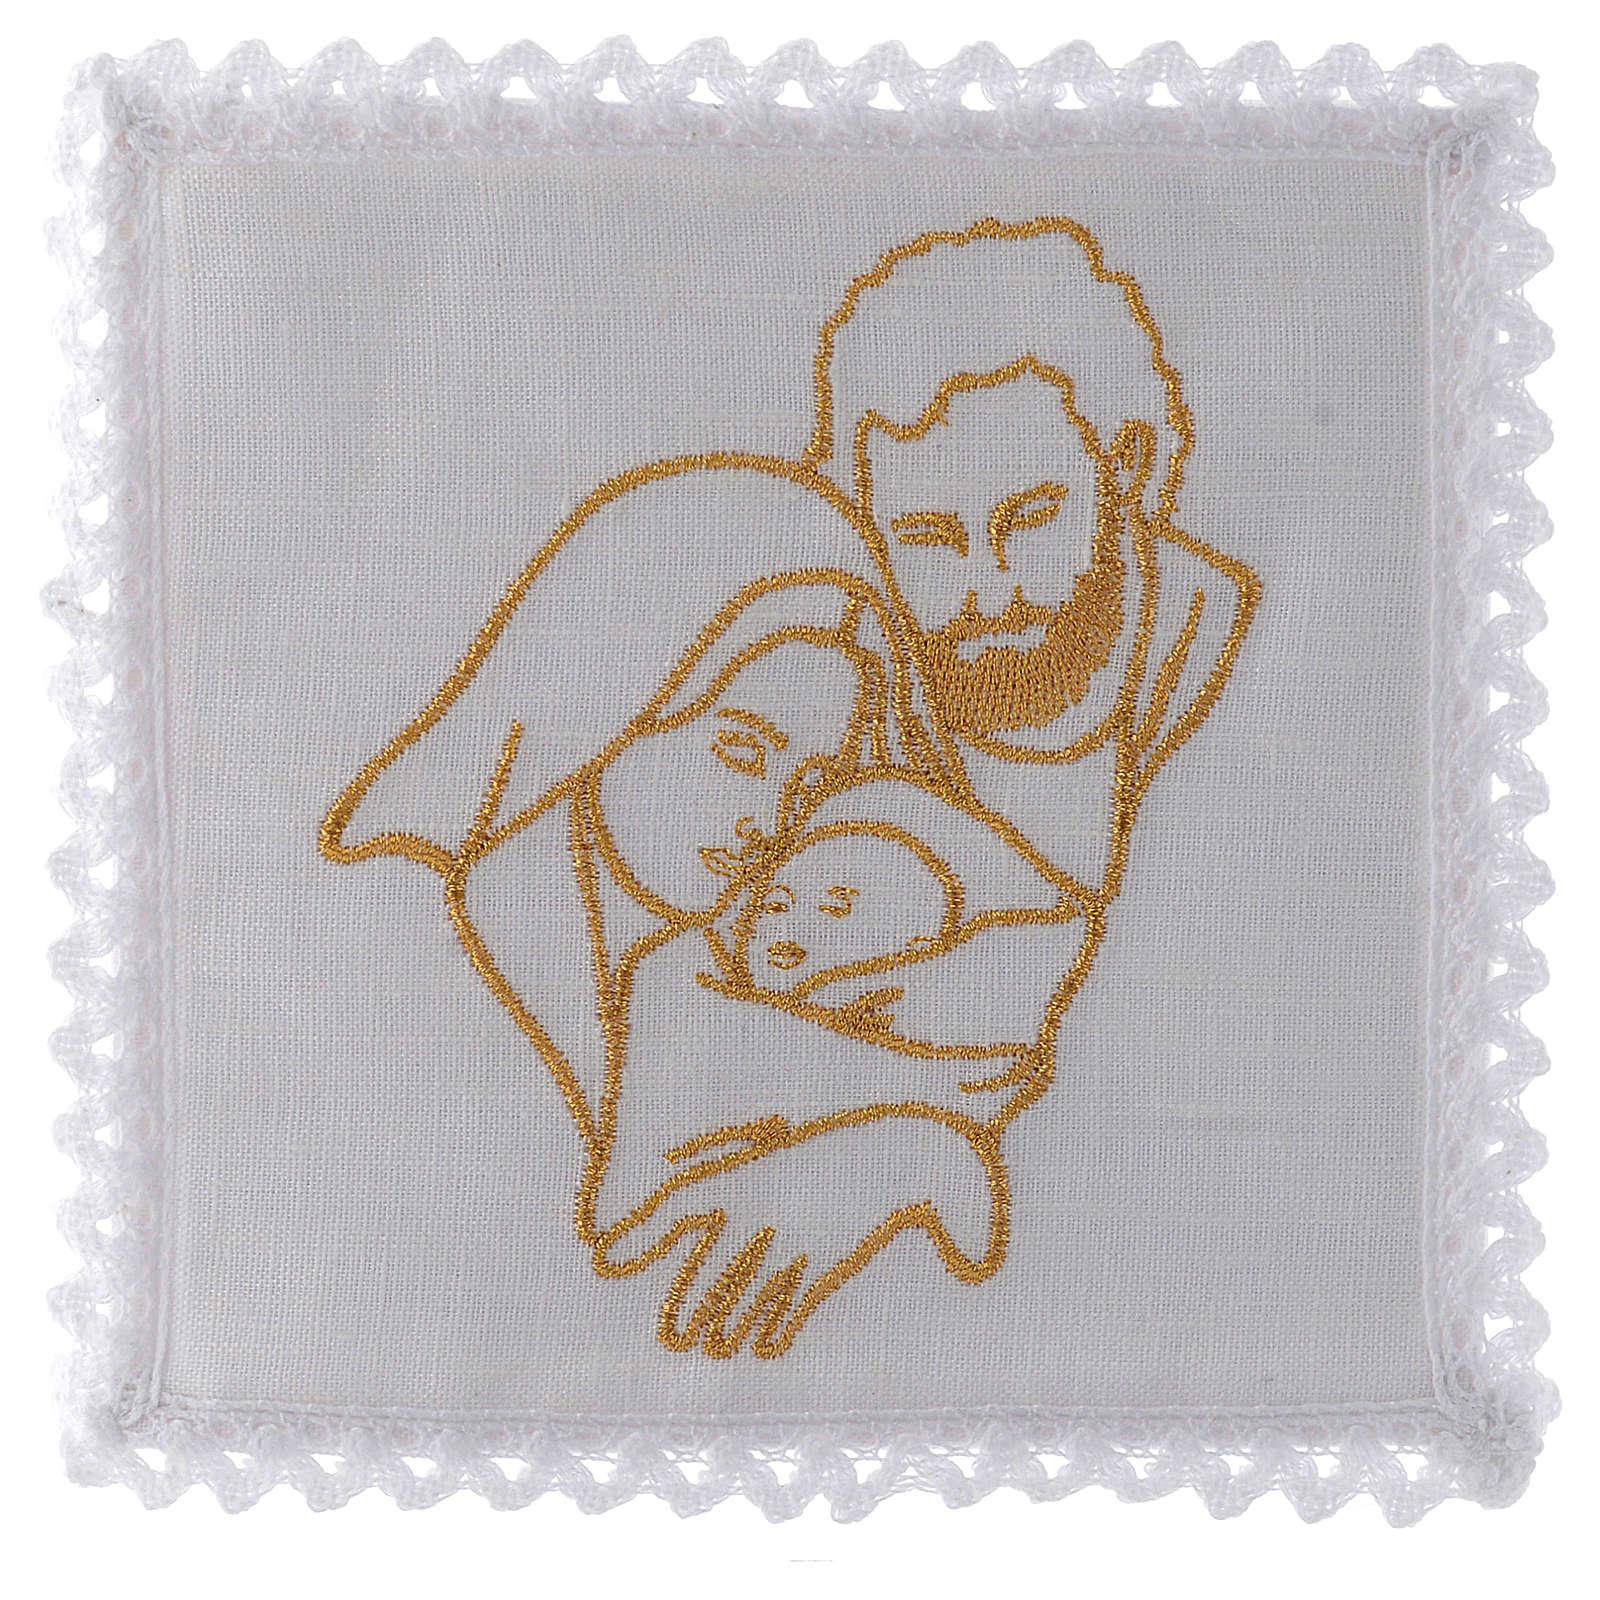 Servizio da messa in lino con la Sacra Famiglia 4